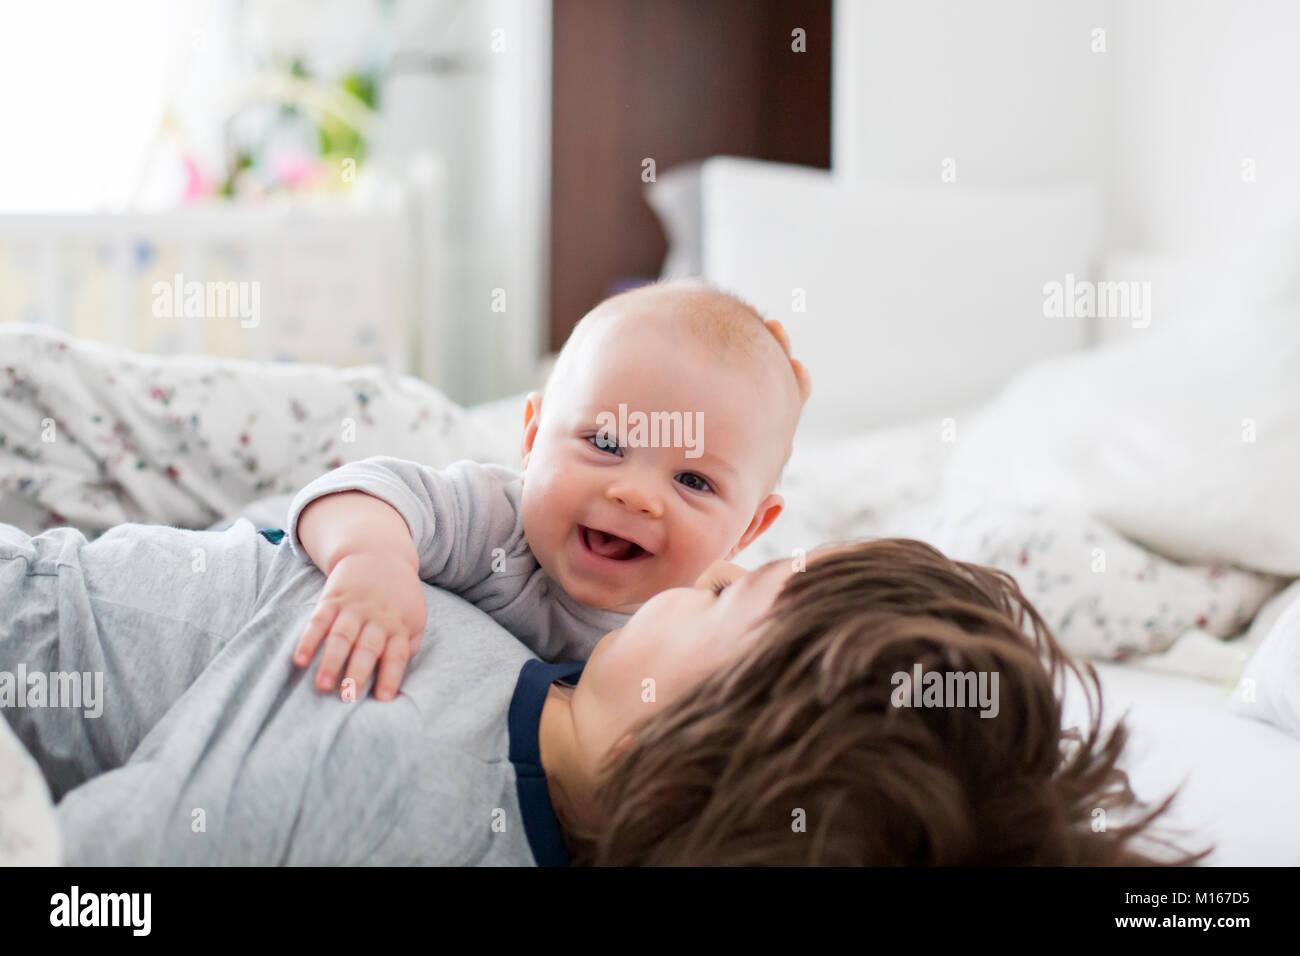 Deux enfants, bébé et son grand frère au lit le matin, jouer ensemble, rire et passer un bon moment, Photo Stock